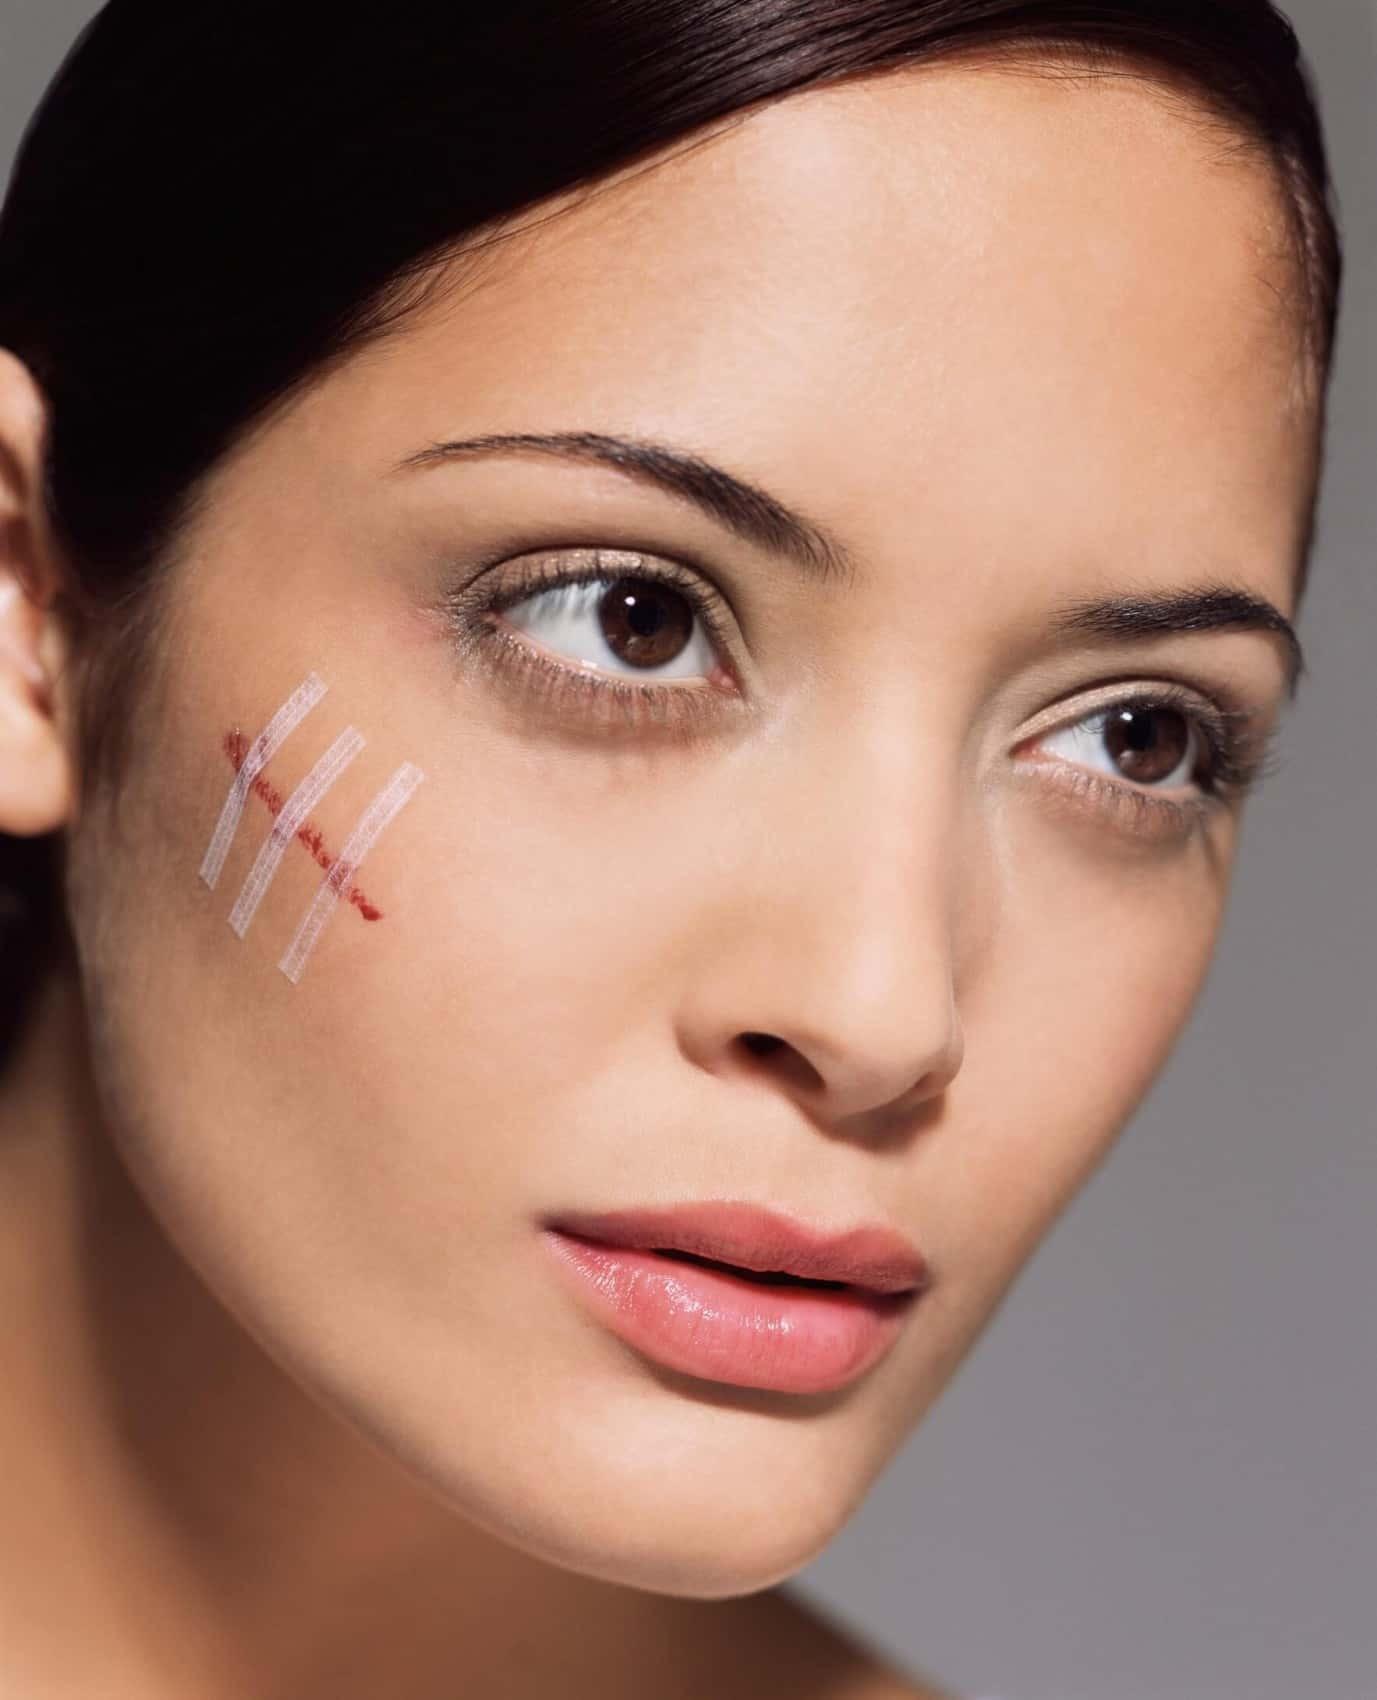 Как избавиться от рубцов и шрамов и восстановить кожу